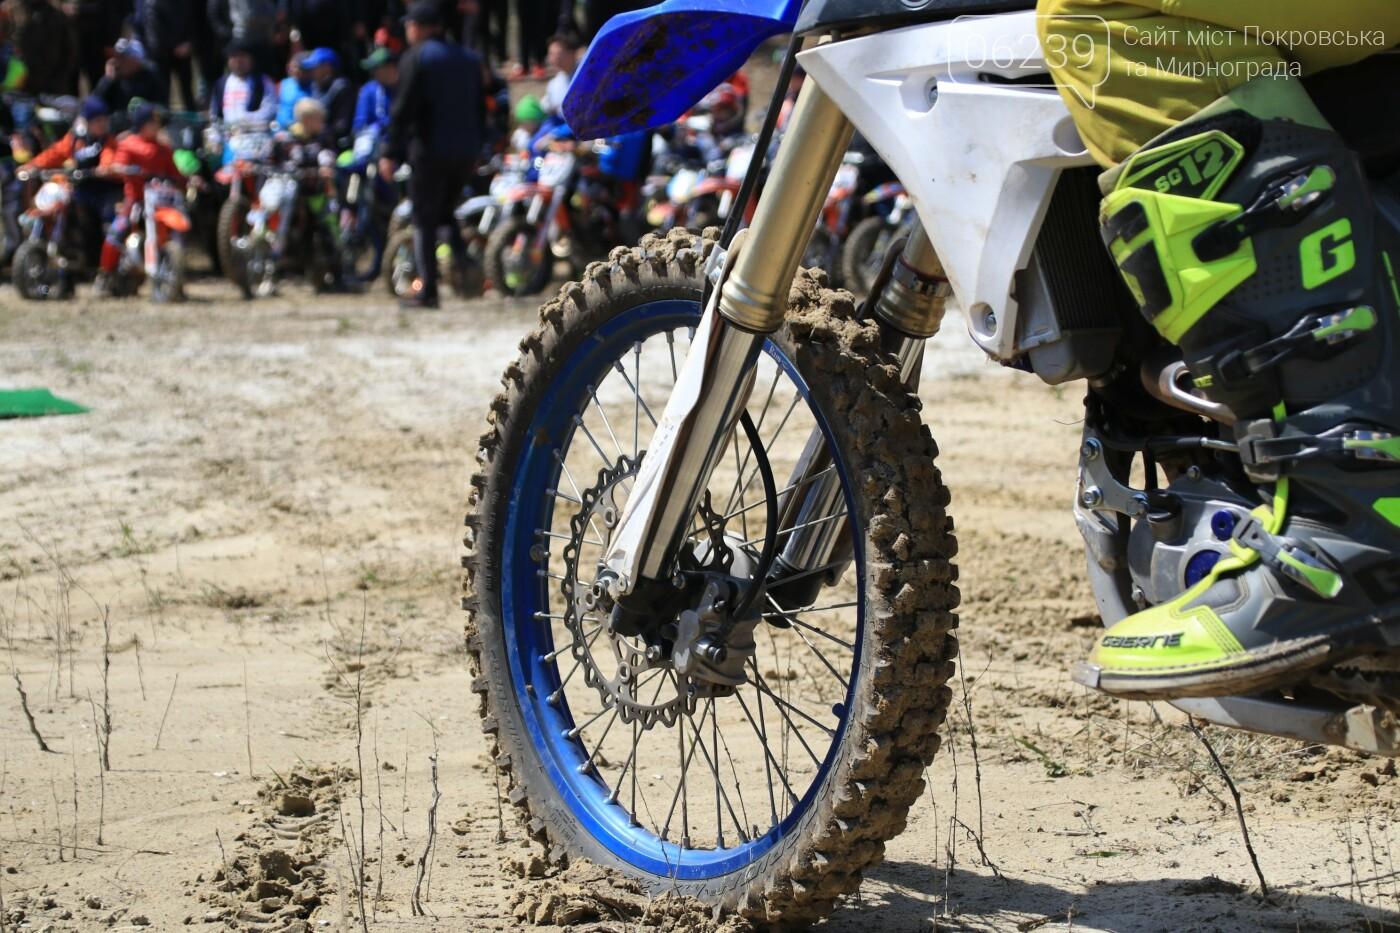 В Мирнограде подвели итоги соревнований по мотокроссу , фото-2